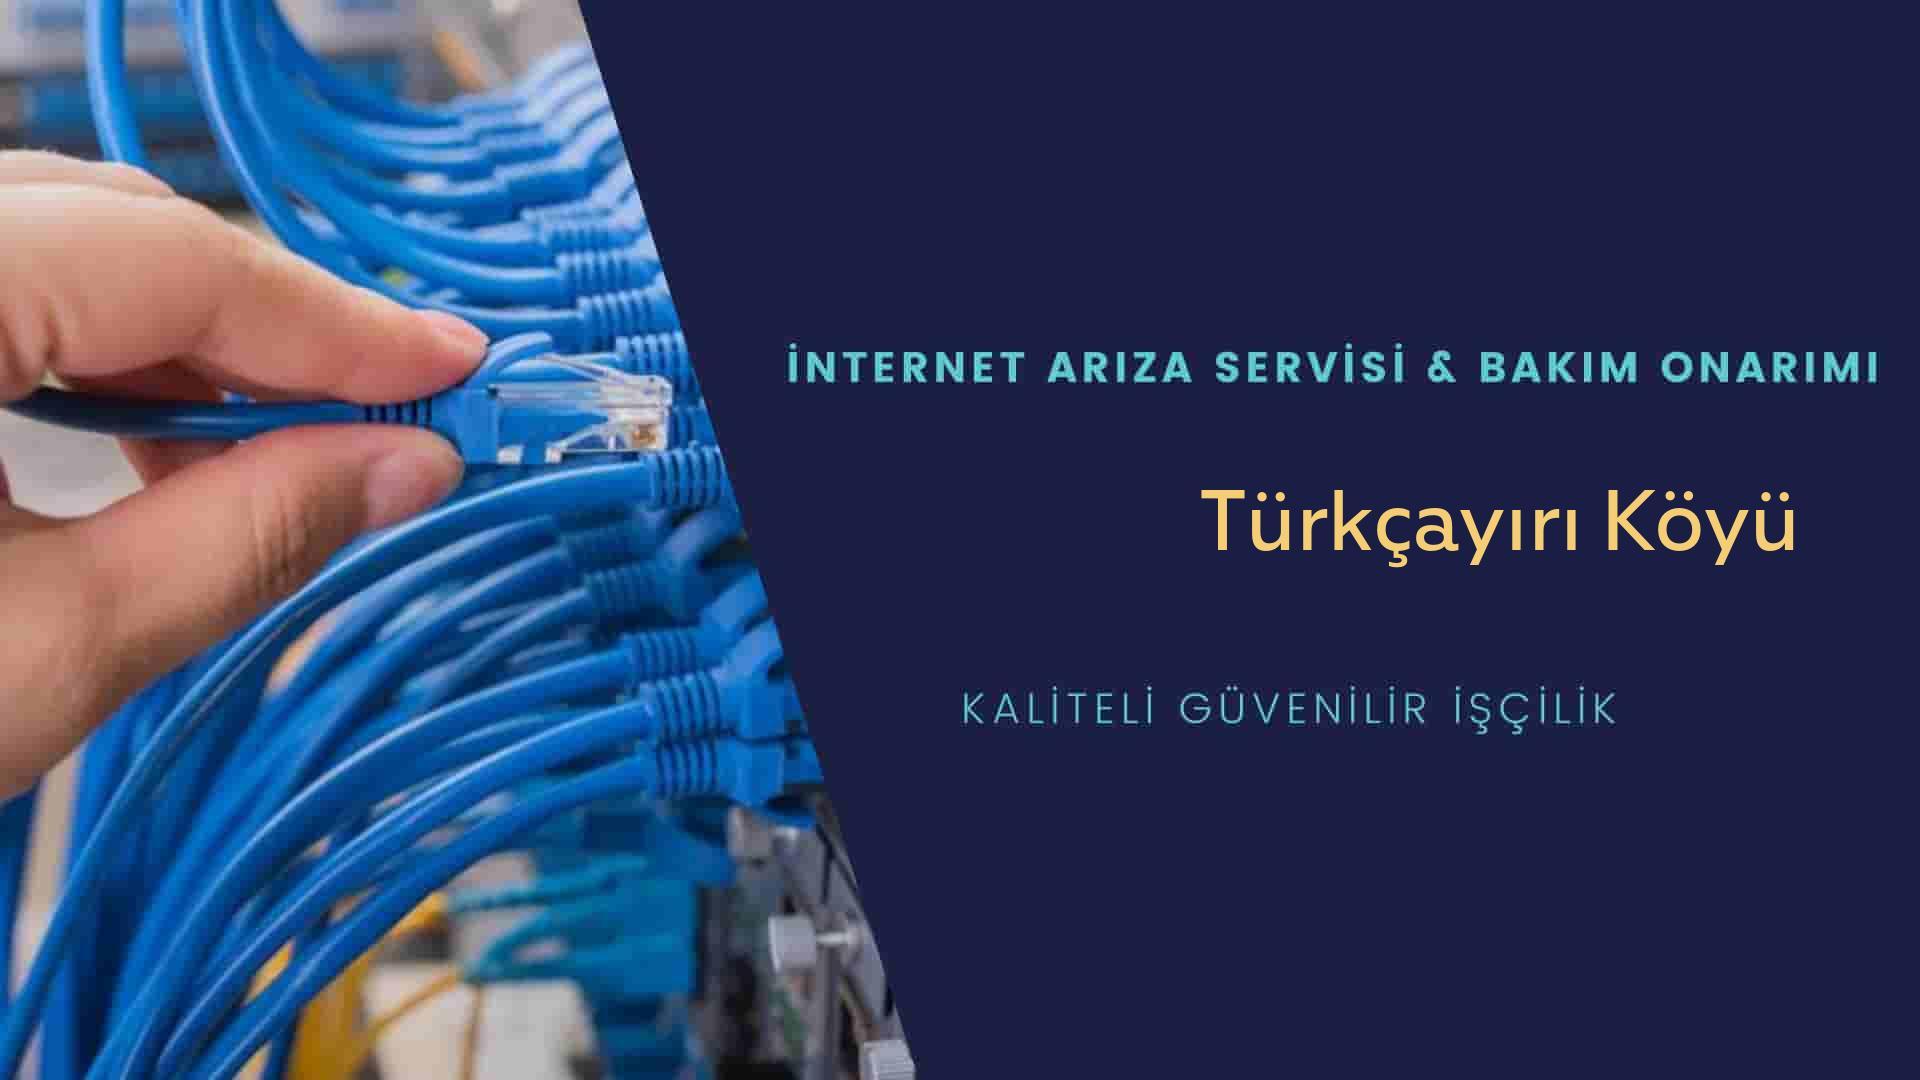 Türkçayırı Köyü internet kablosu çekimi yapan yerler veya elektrikçiler mi? arıyorsunuz doğru yerdesiniz o zaman sizlere 7/24 yardımcı olacak profesyonel ustalarımız bir telefon kadar yakındır size.